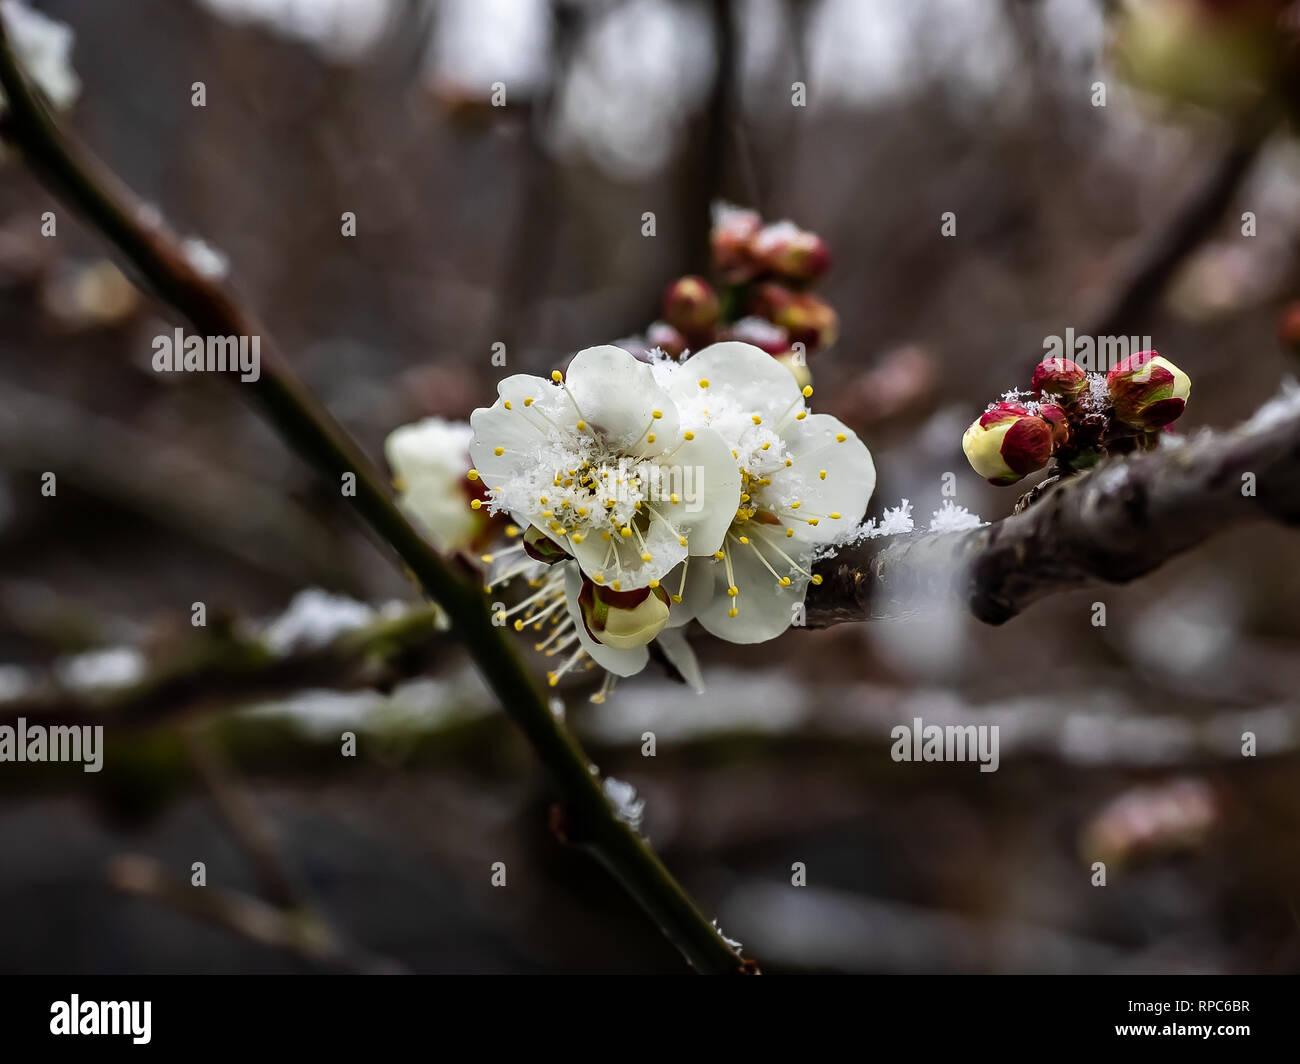 Schnee liegt auf eine kleine Gruppe von japanischen Pflaume oder ume, Blüten im Februar Schnee Sturm in Kanagawa, Japan Stockbild